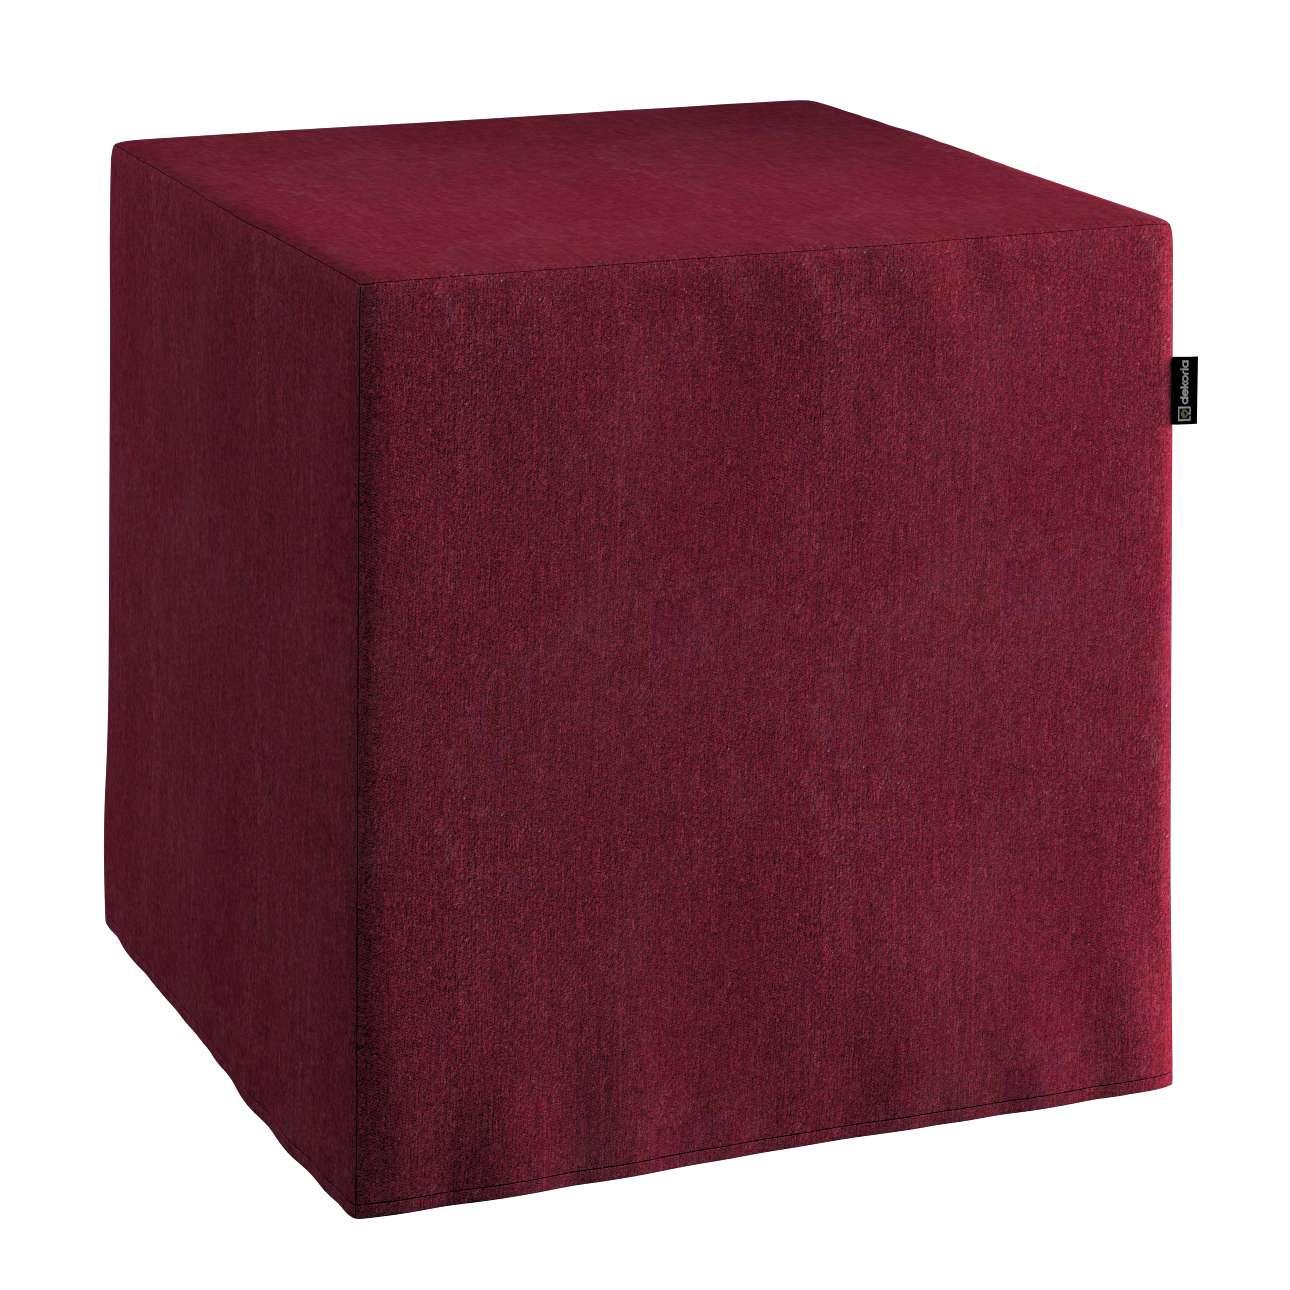 Bezug für Sitzwürfel, bordeaux, Bezug für Sitzwürfel 40x40x40 cm, Chenille | Wohnzimmer > Hocker & Poufs > Sitzwürfel | Dekoria